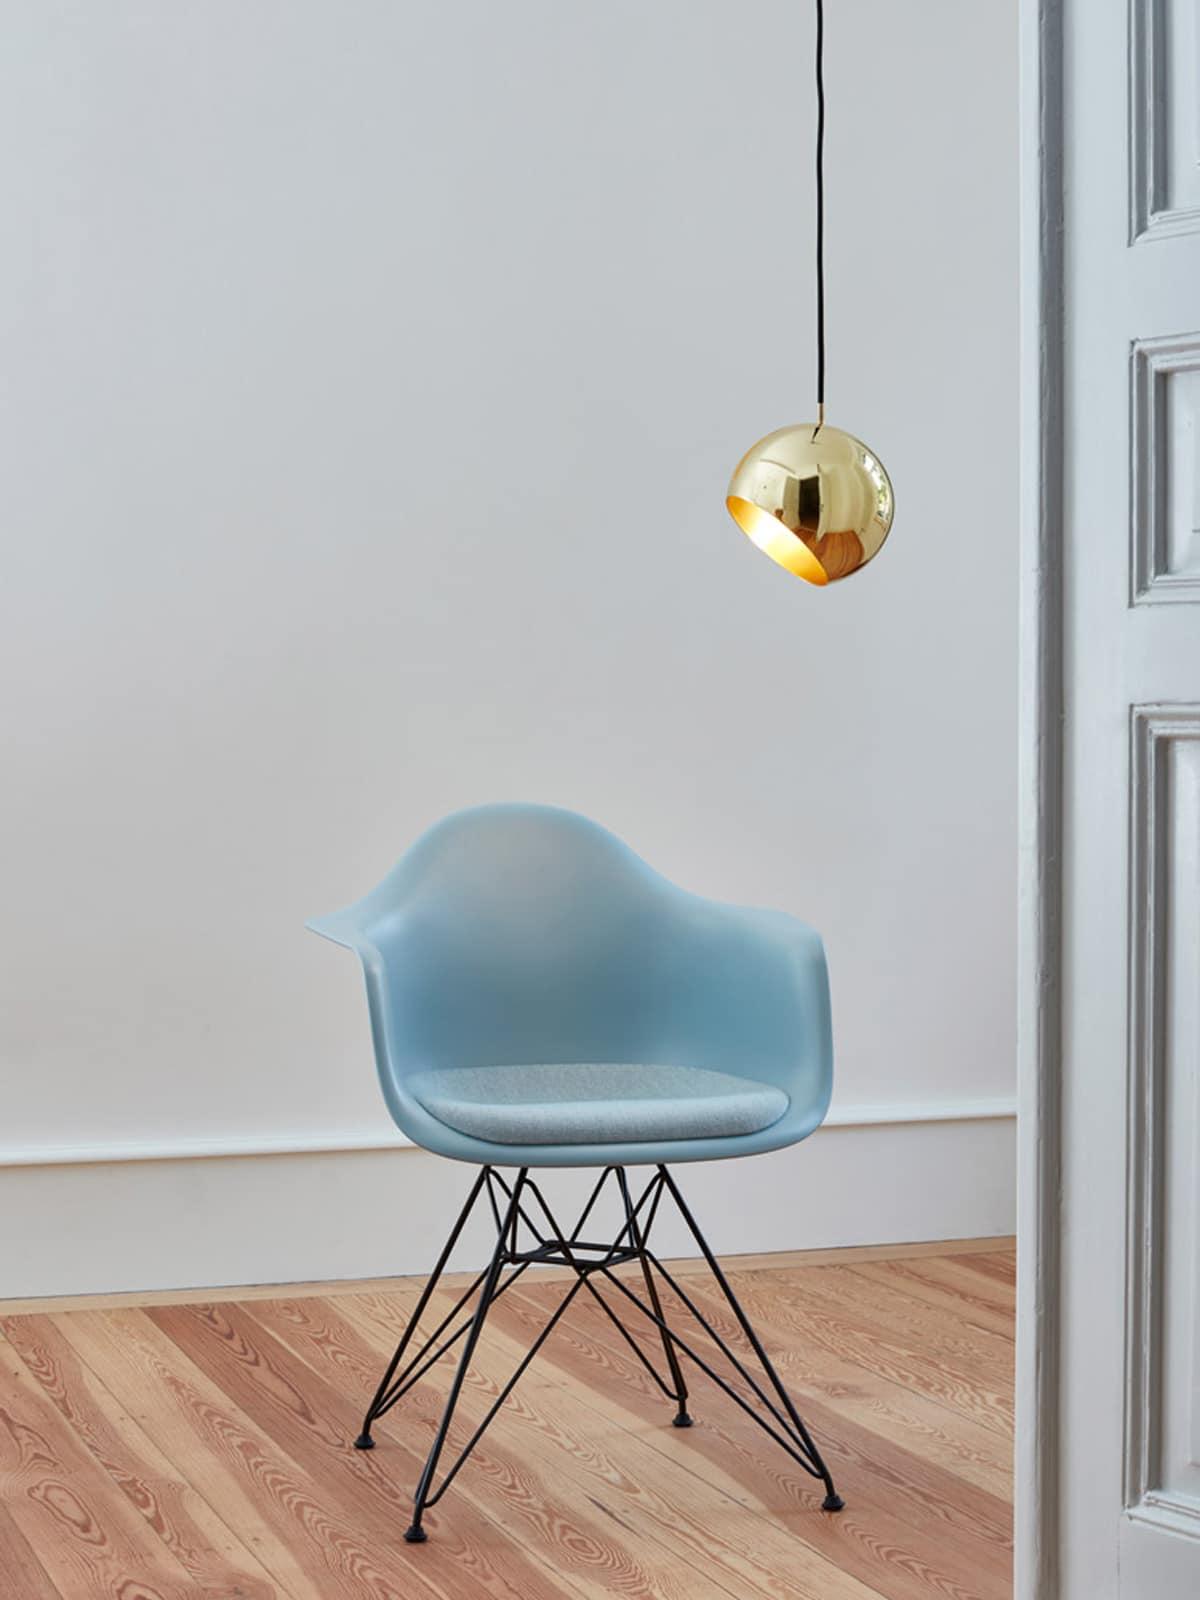 lampen archive - lampen leuchten designerleuchten online berlin design, Gartengerate ideen